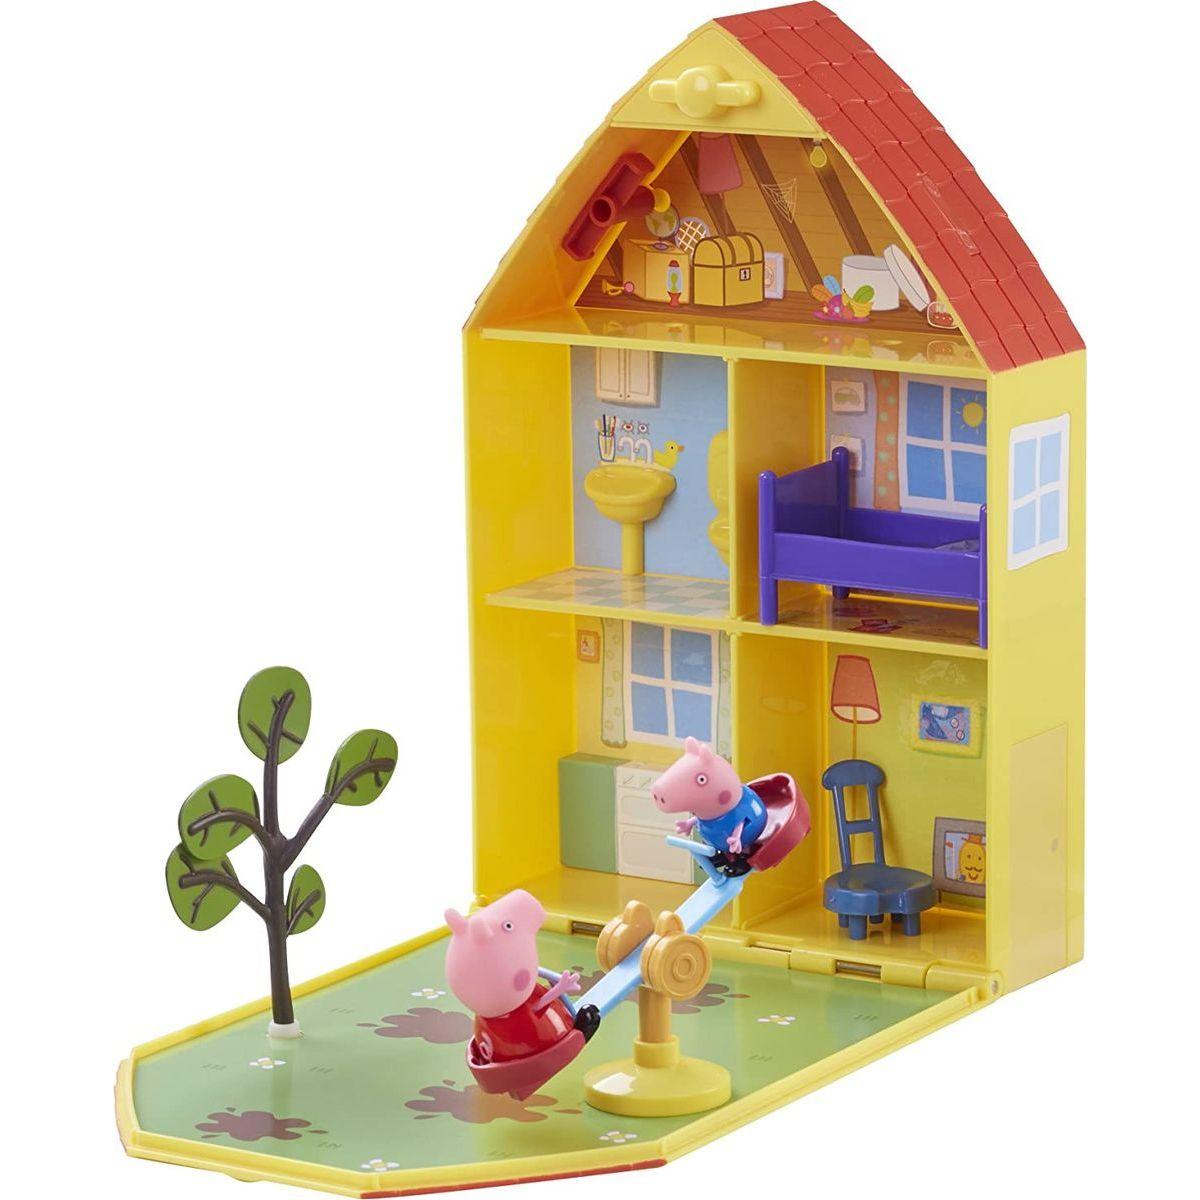 Peppa Pig domček so záhradkou, figúrkou a príslušenstvom